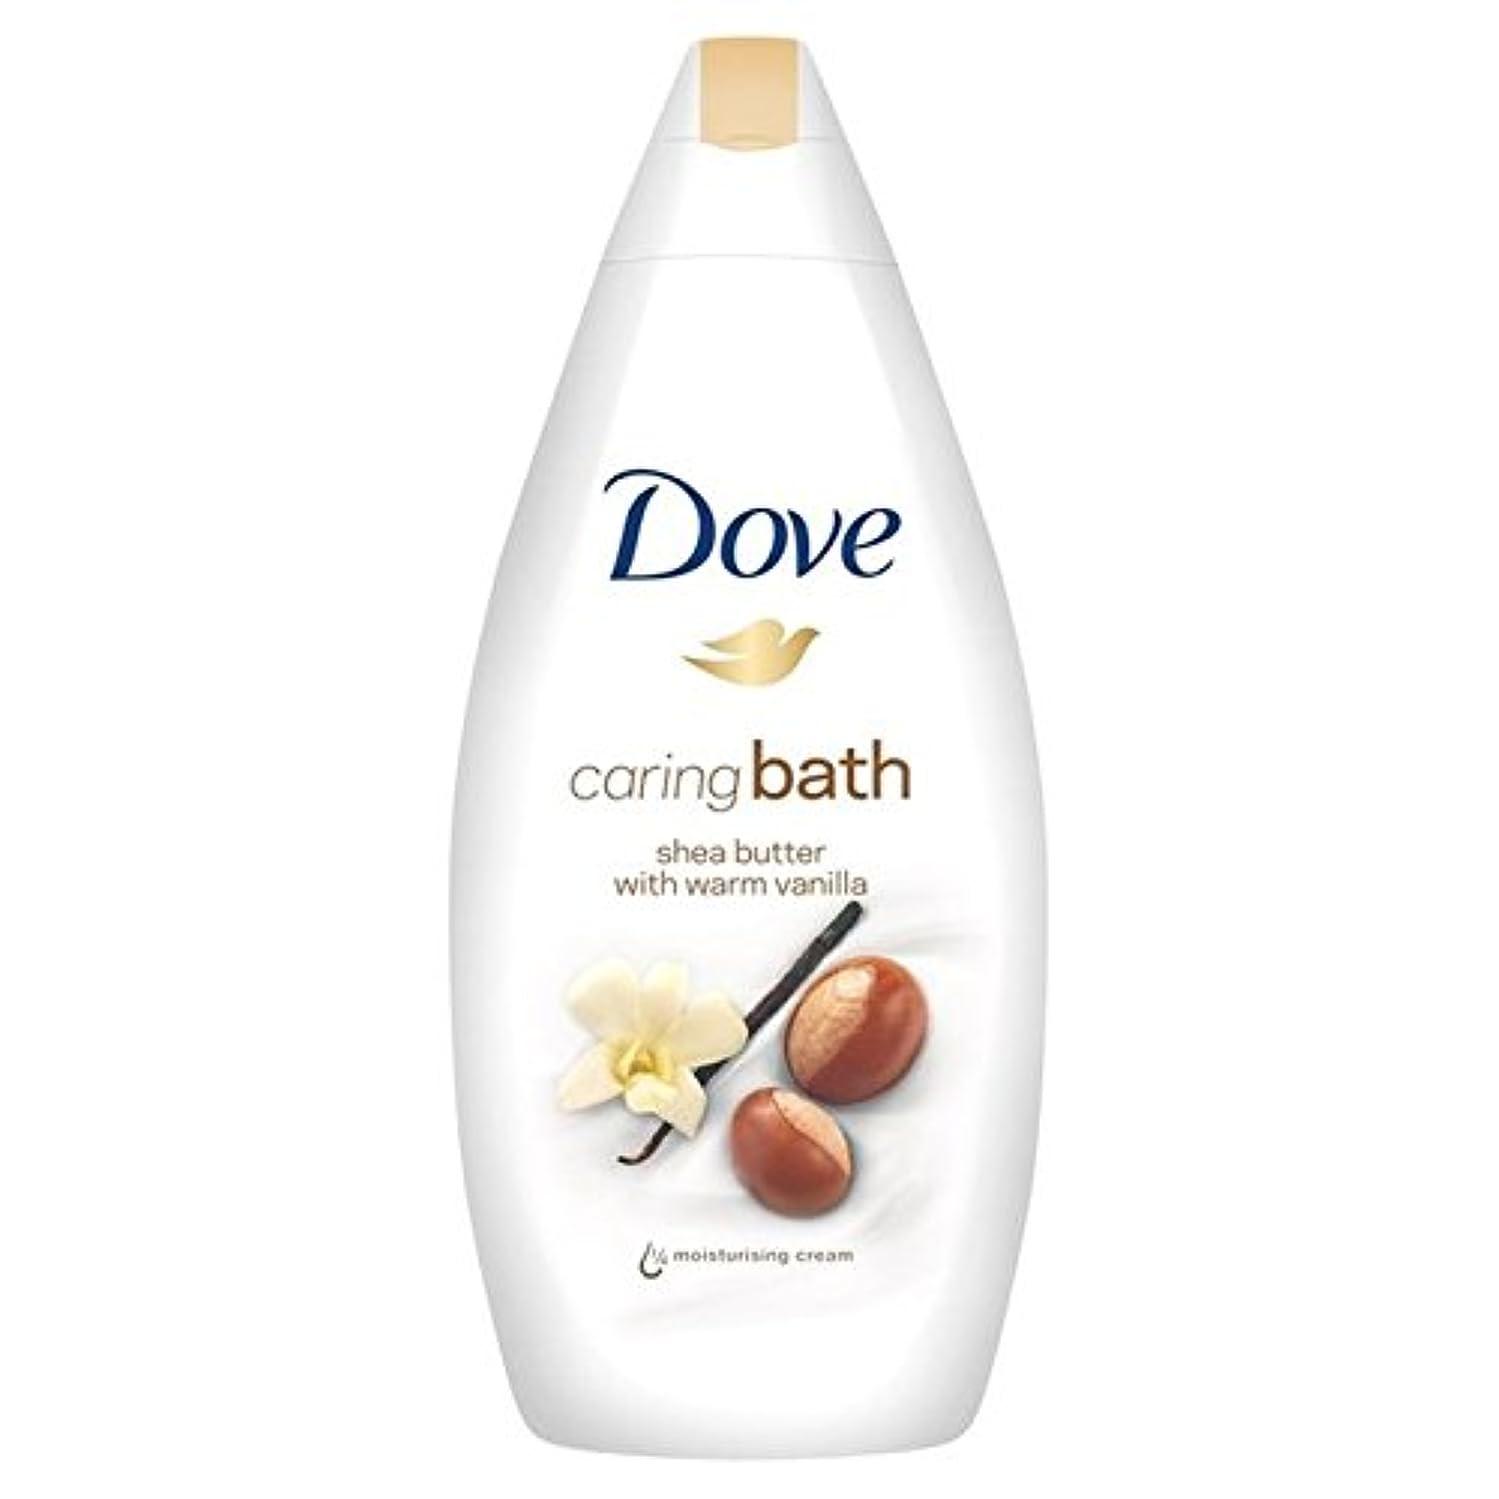 ダンスラッカス交じるDove Purely Pampering Shea Butter Caring Cream Bath 500ml - 鳩純粋な贅沢シアバター思いやりのあるクリームバス500ミリリットル [並行輸入品]